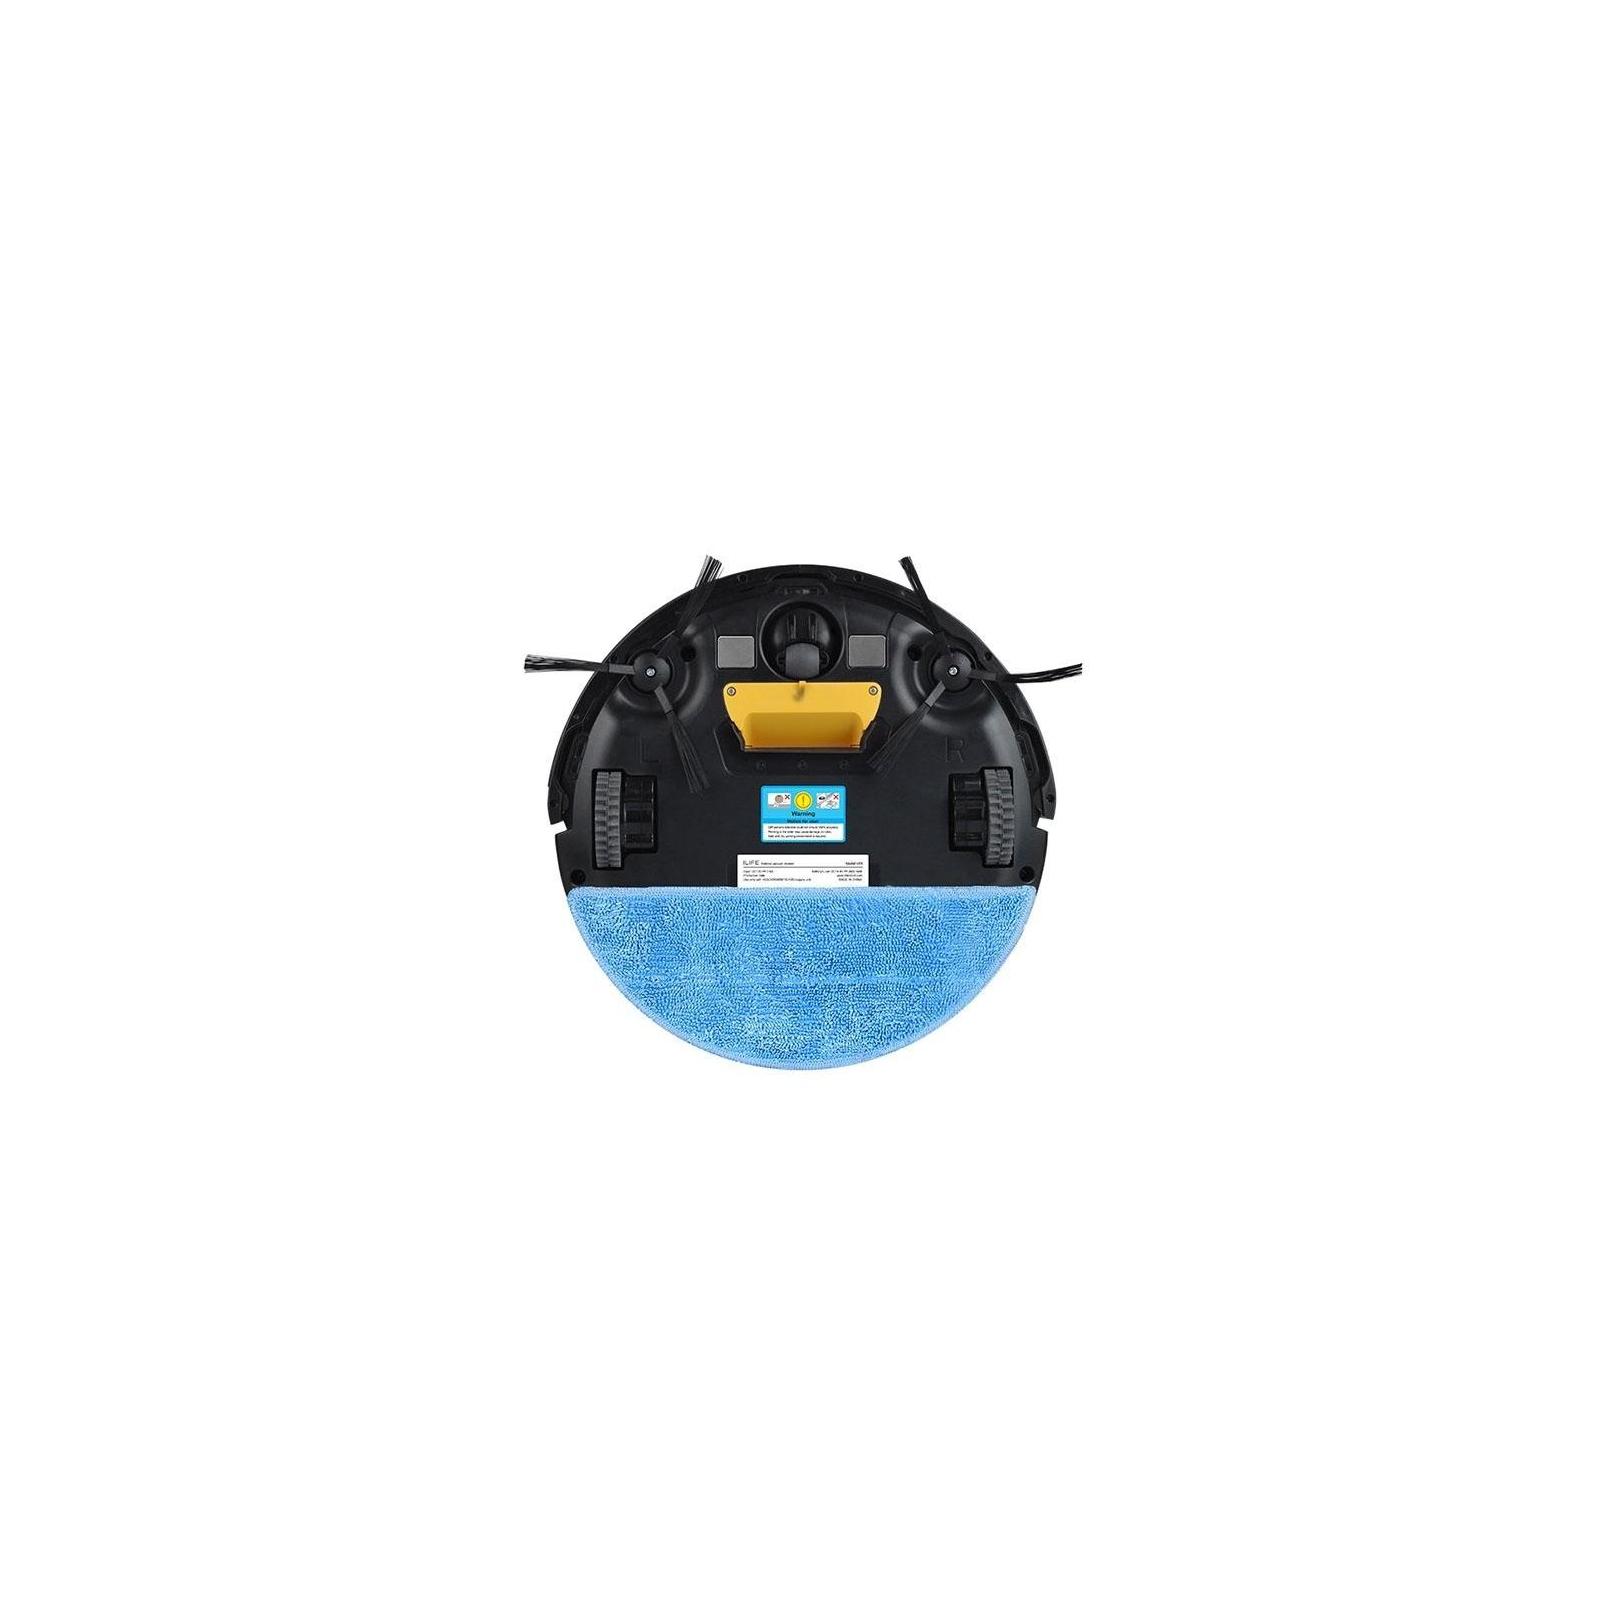 Пылесос iLife V55 изображение 5